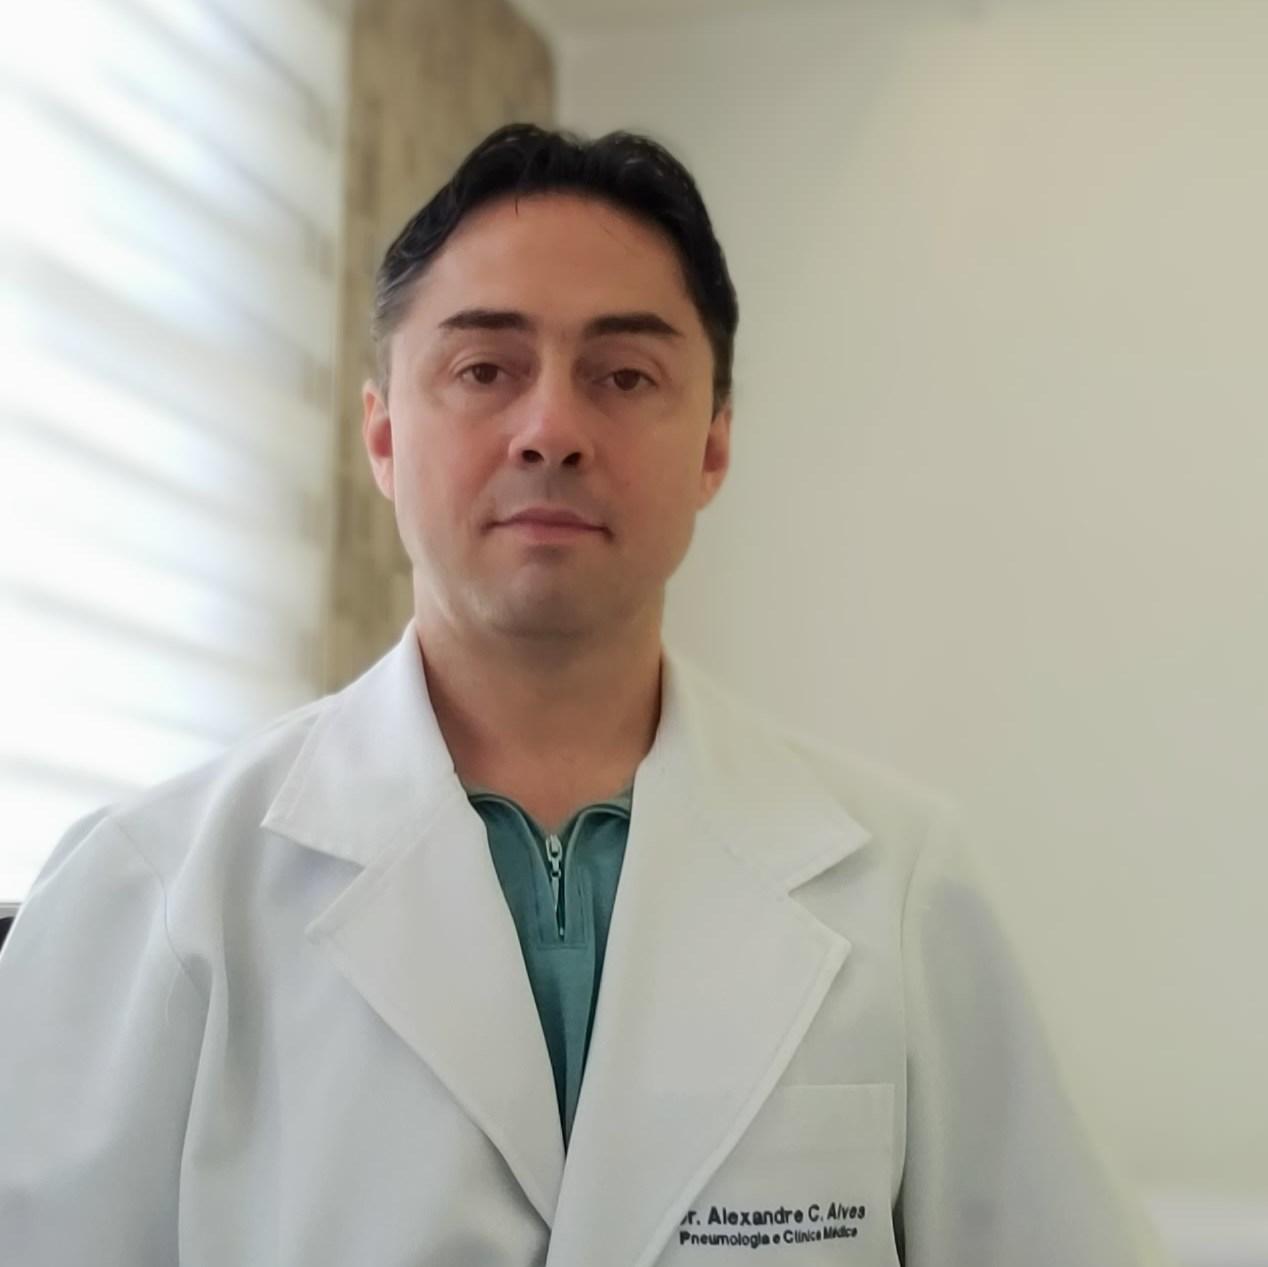 Alexandre de Carvalho Alves